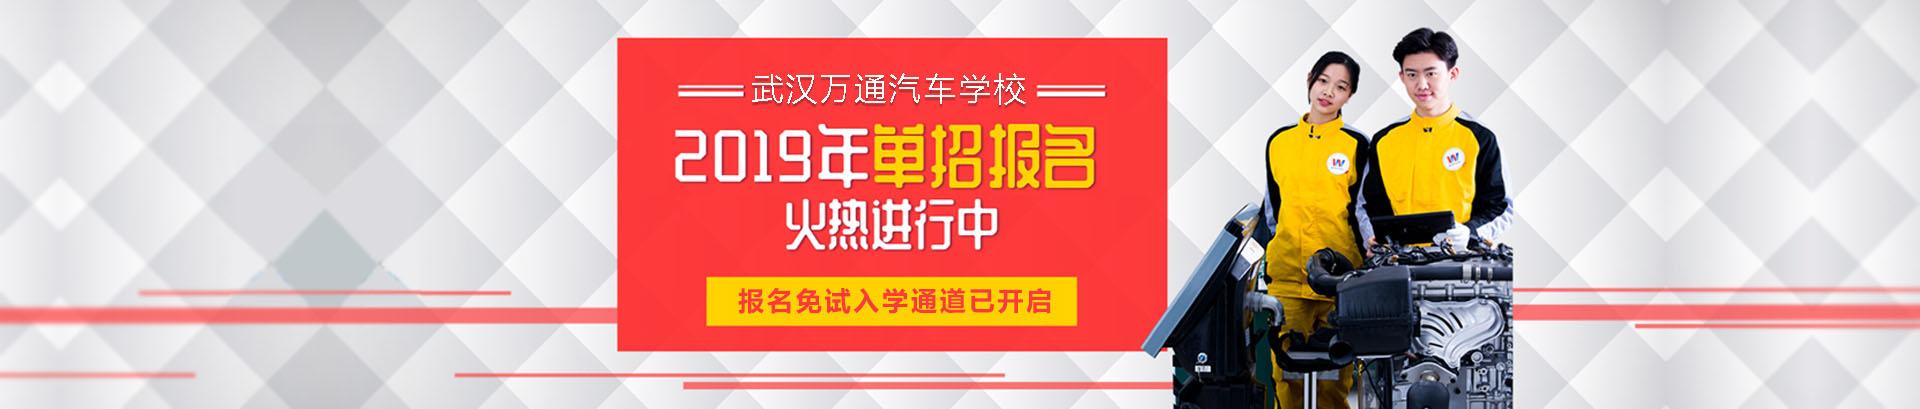 单招报名-武汉万通汽修学校